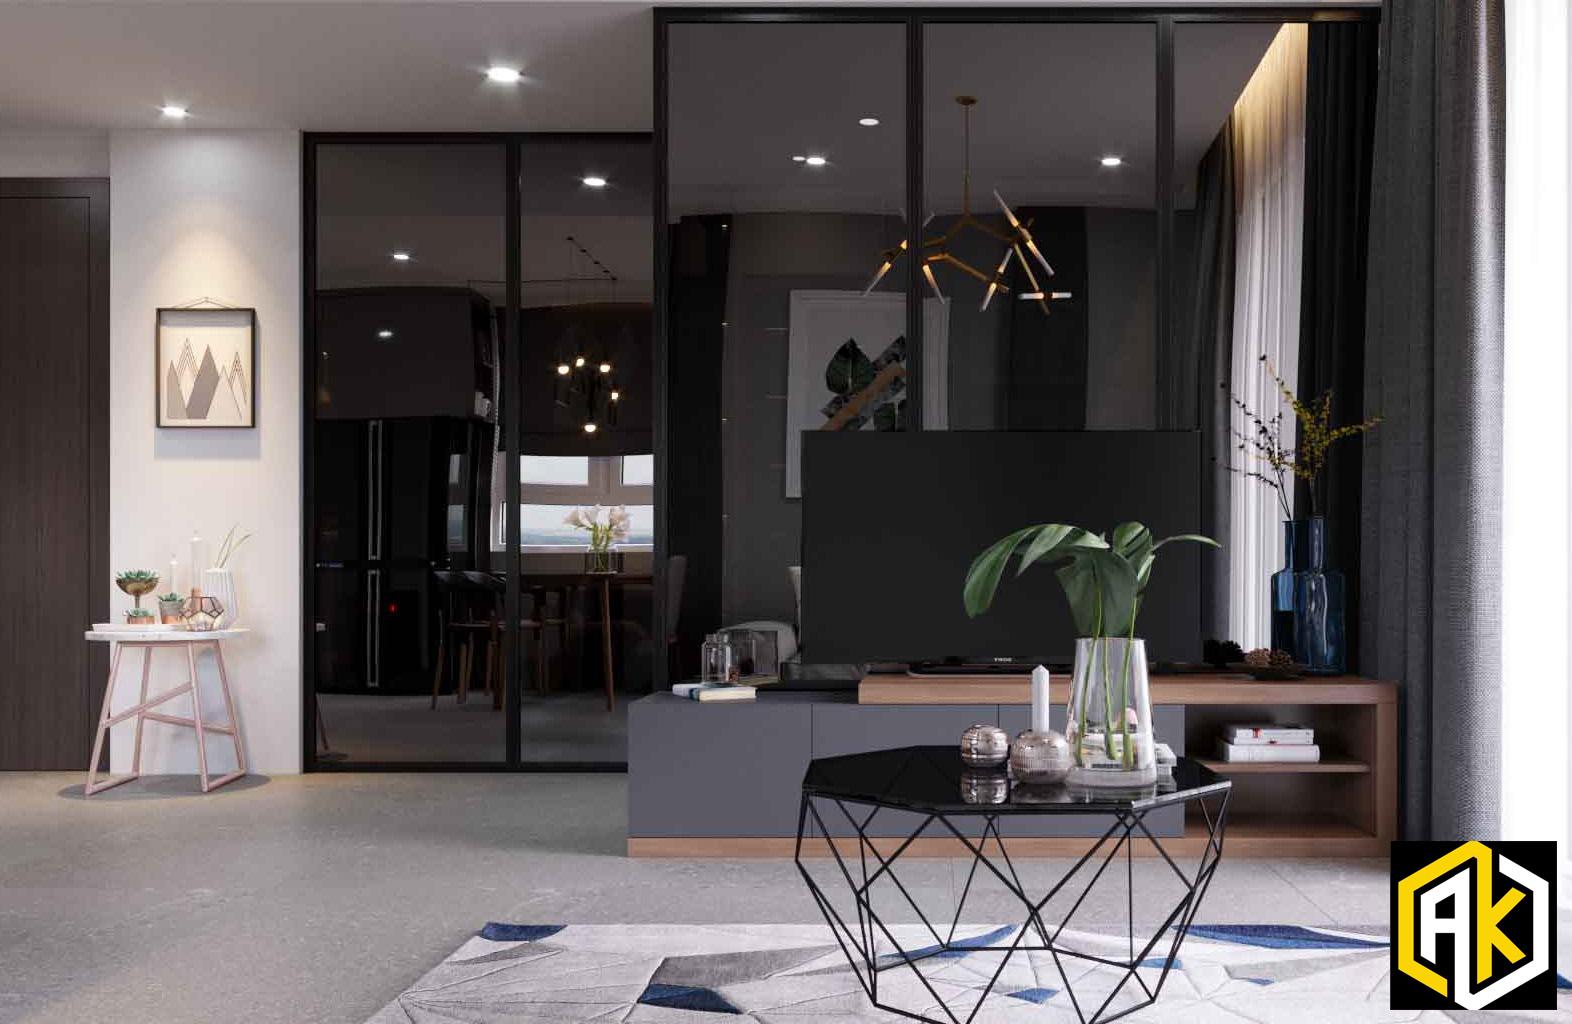 Thiết kế nội thất căn hộ Botanica 72m2 - Phòng khách